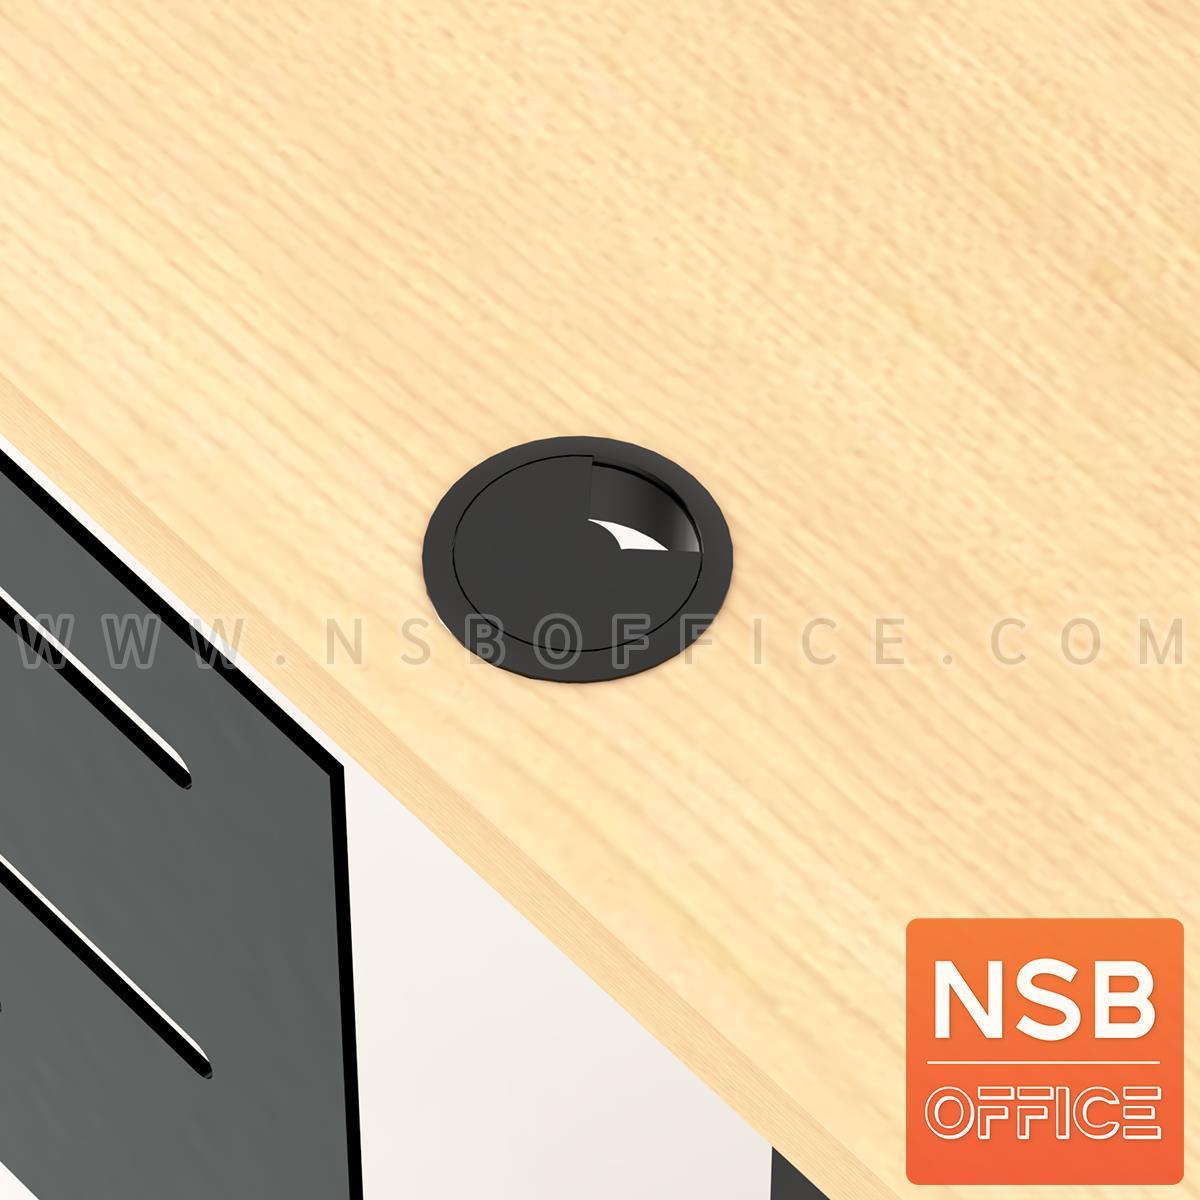 โต๊ะทำงานมีลิ้นชักข้าง รุ่น Vestro (เวสโทร) ขนาด 120W*60D cm. พร้อมบังตาเหล็ก ตัวเก็บสายไฟรุ่น A04A049